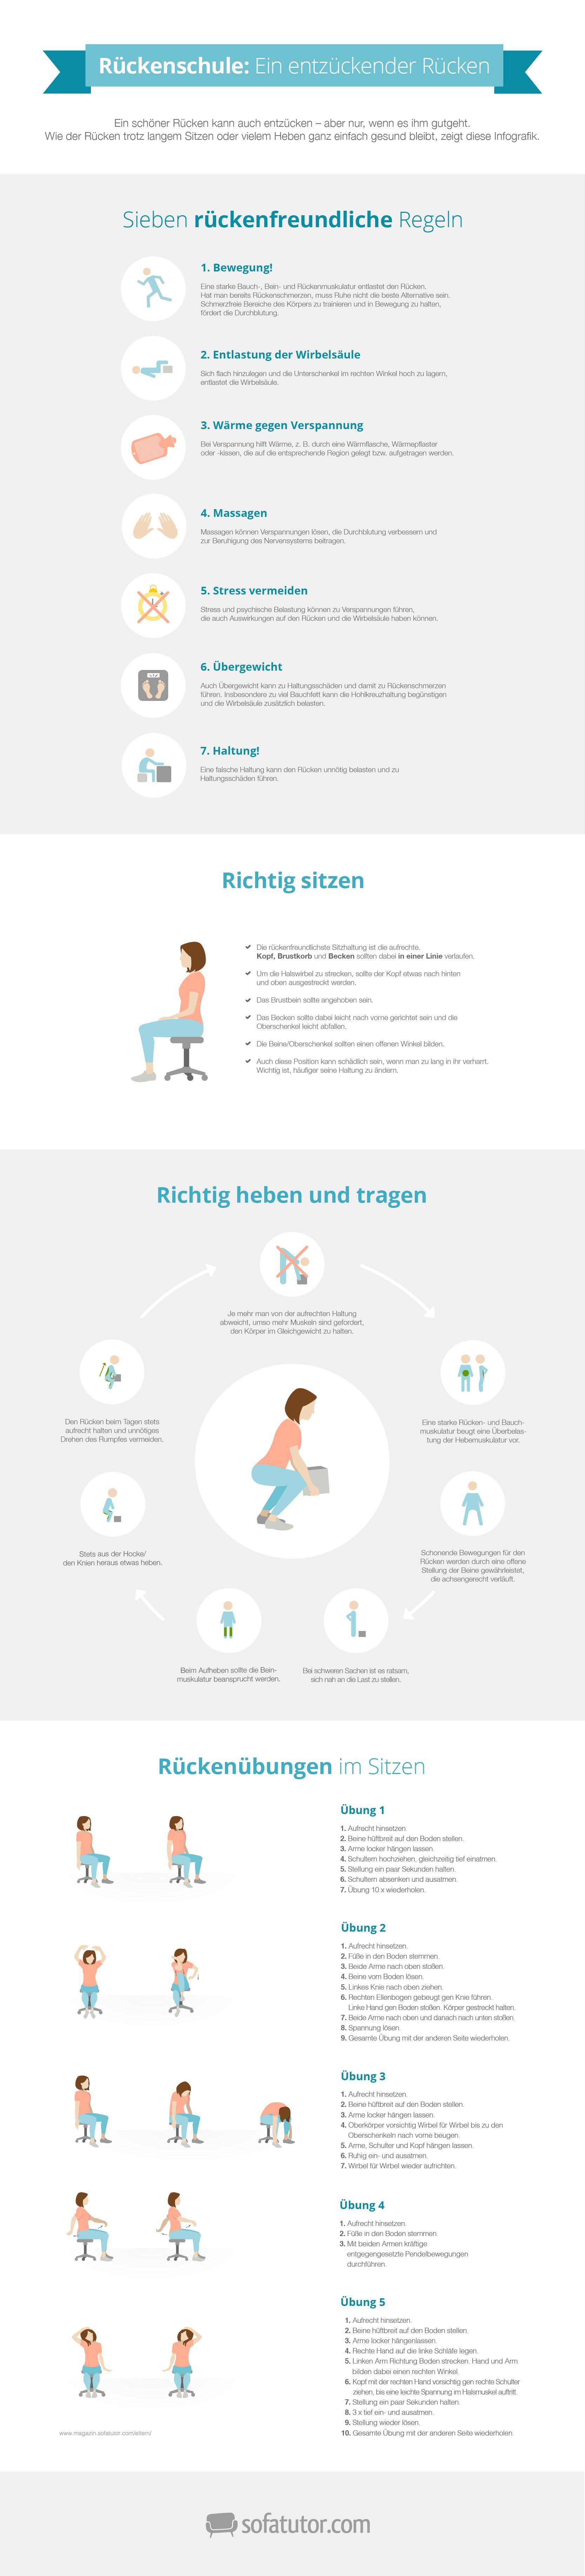 Charmant T 7 Wirbel Bilder - Menschliche Anatomie Bilder ...